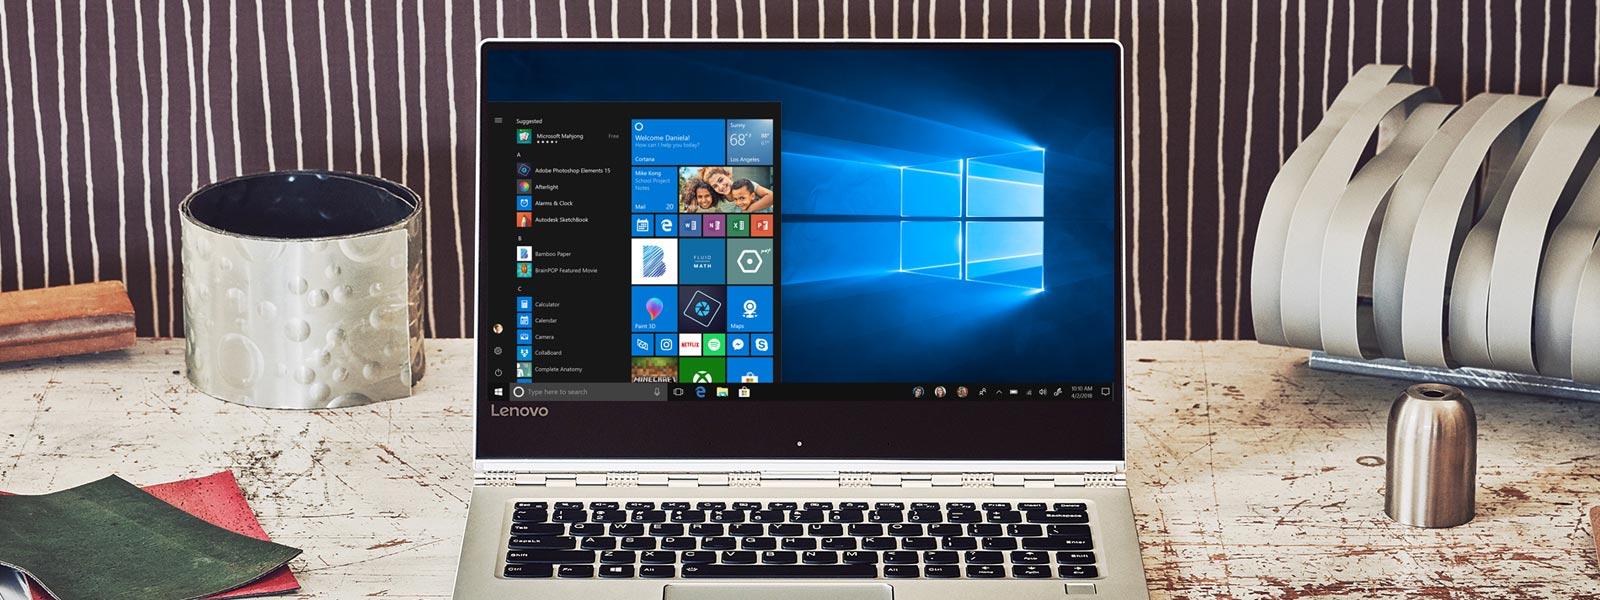 ノートパソコンの Windows 10 スタート画面表示